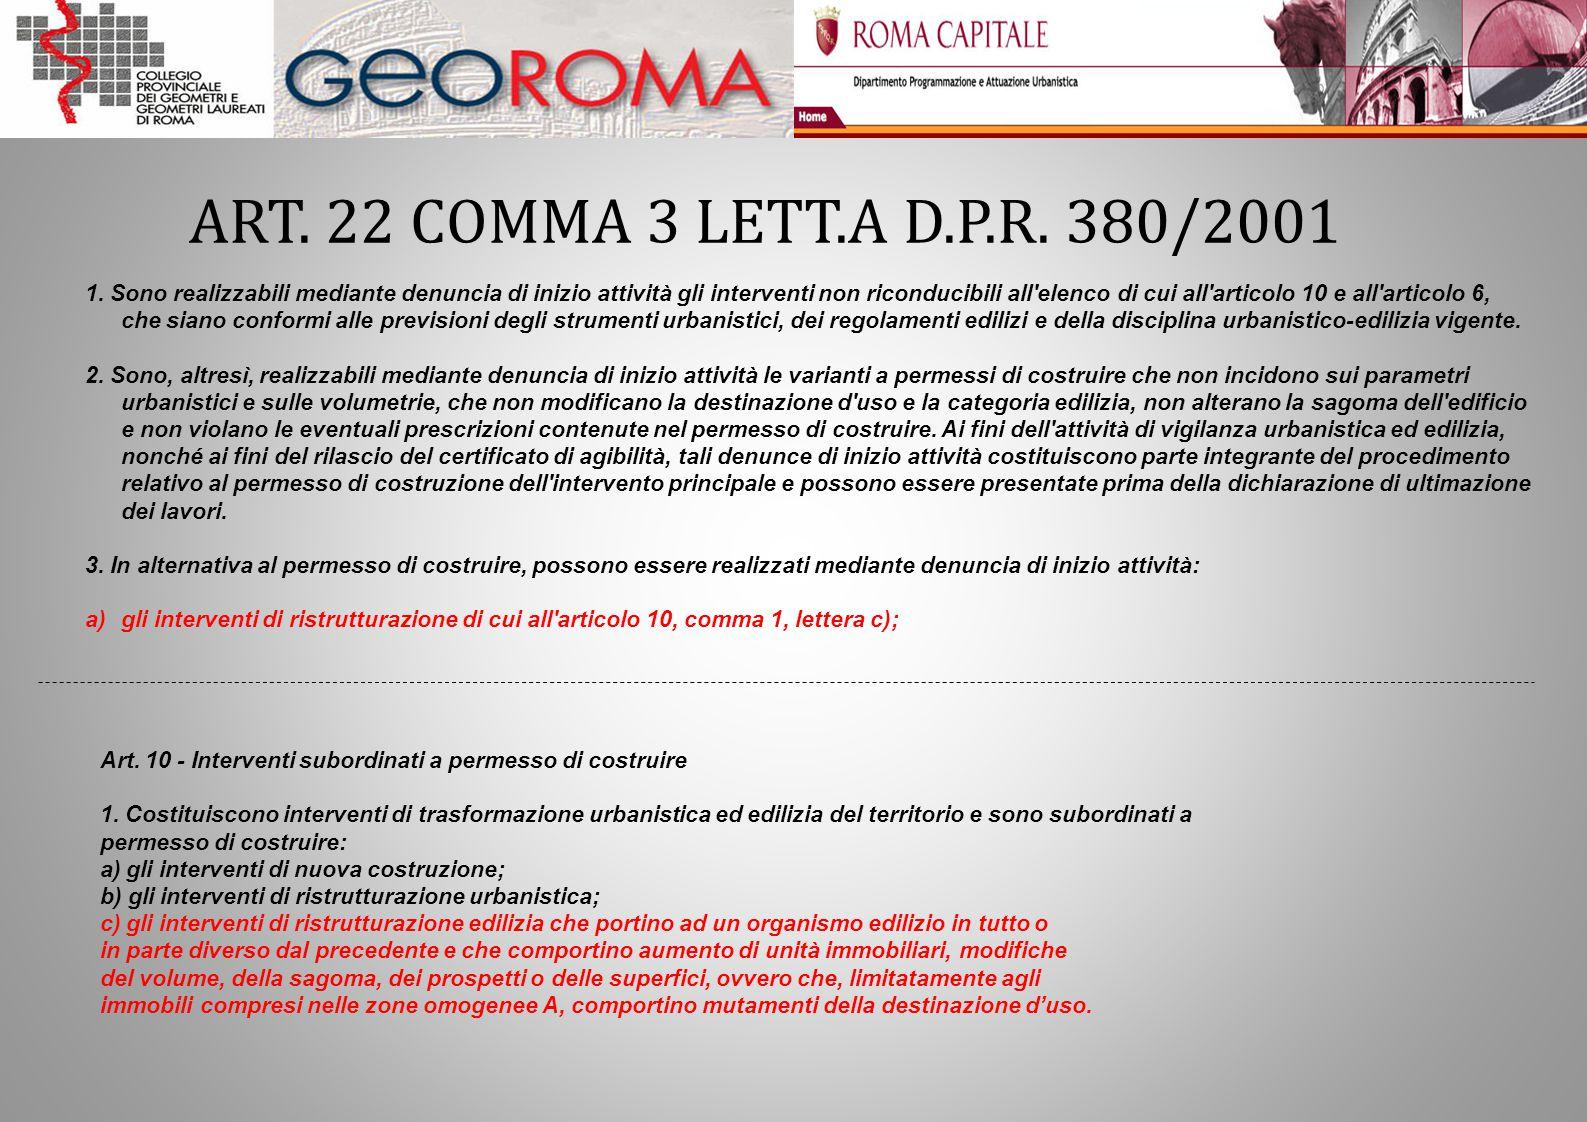 ART. 22 COMMA 3 LETT.A D.P.R. 380/2001 1. Sono realizzabili mediante denuncia di inizio attività gli interventi non riconducibili all'elenco di cui al